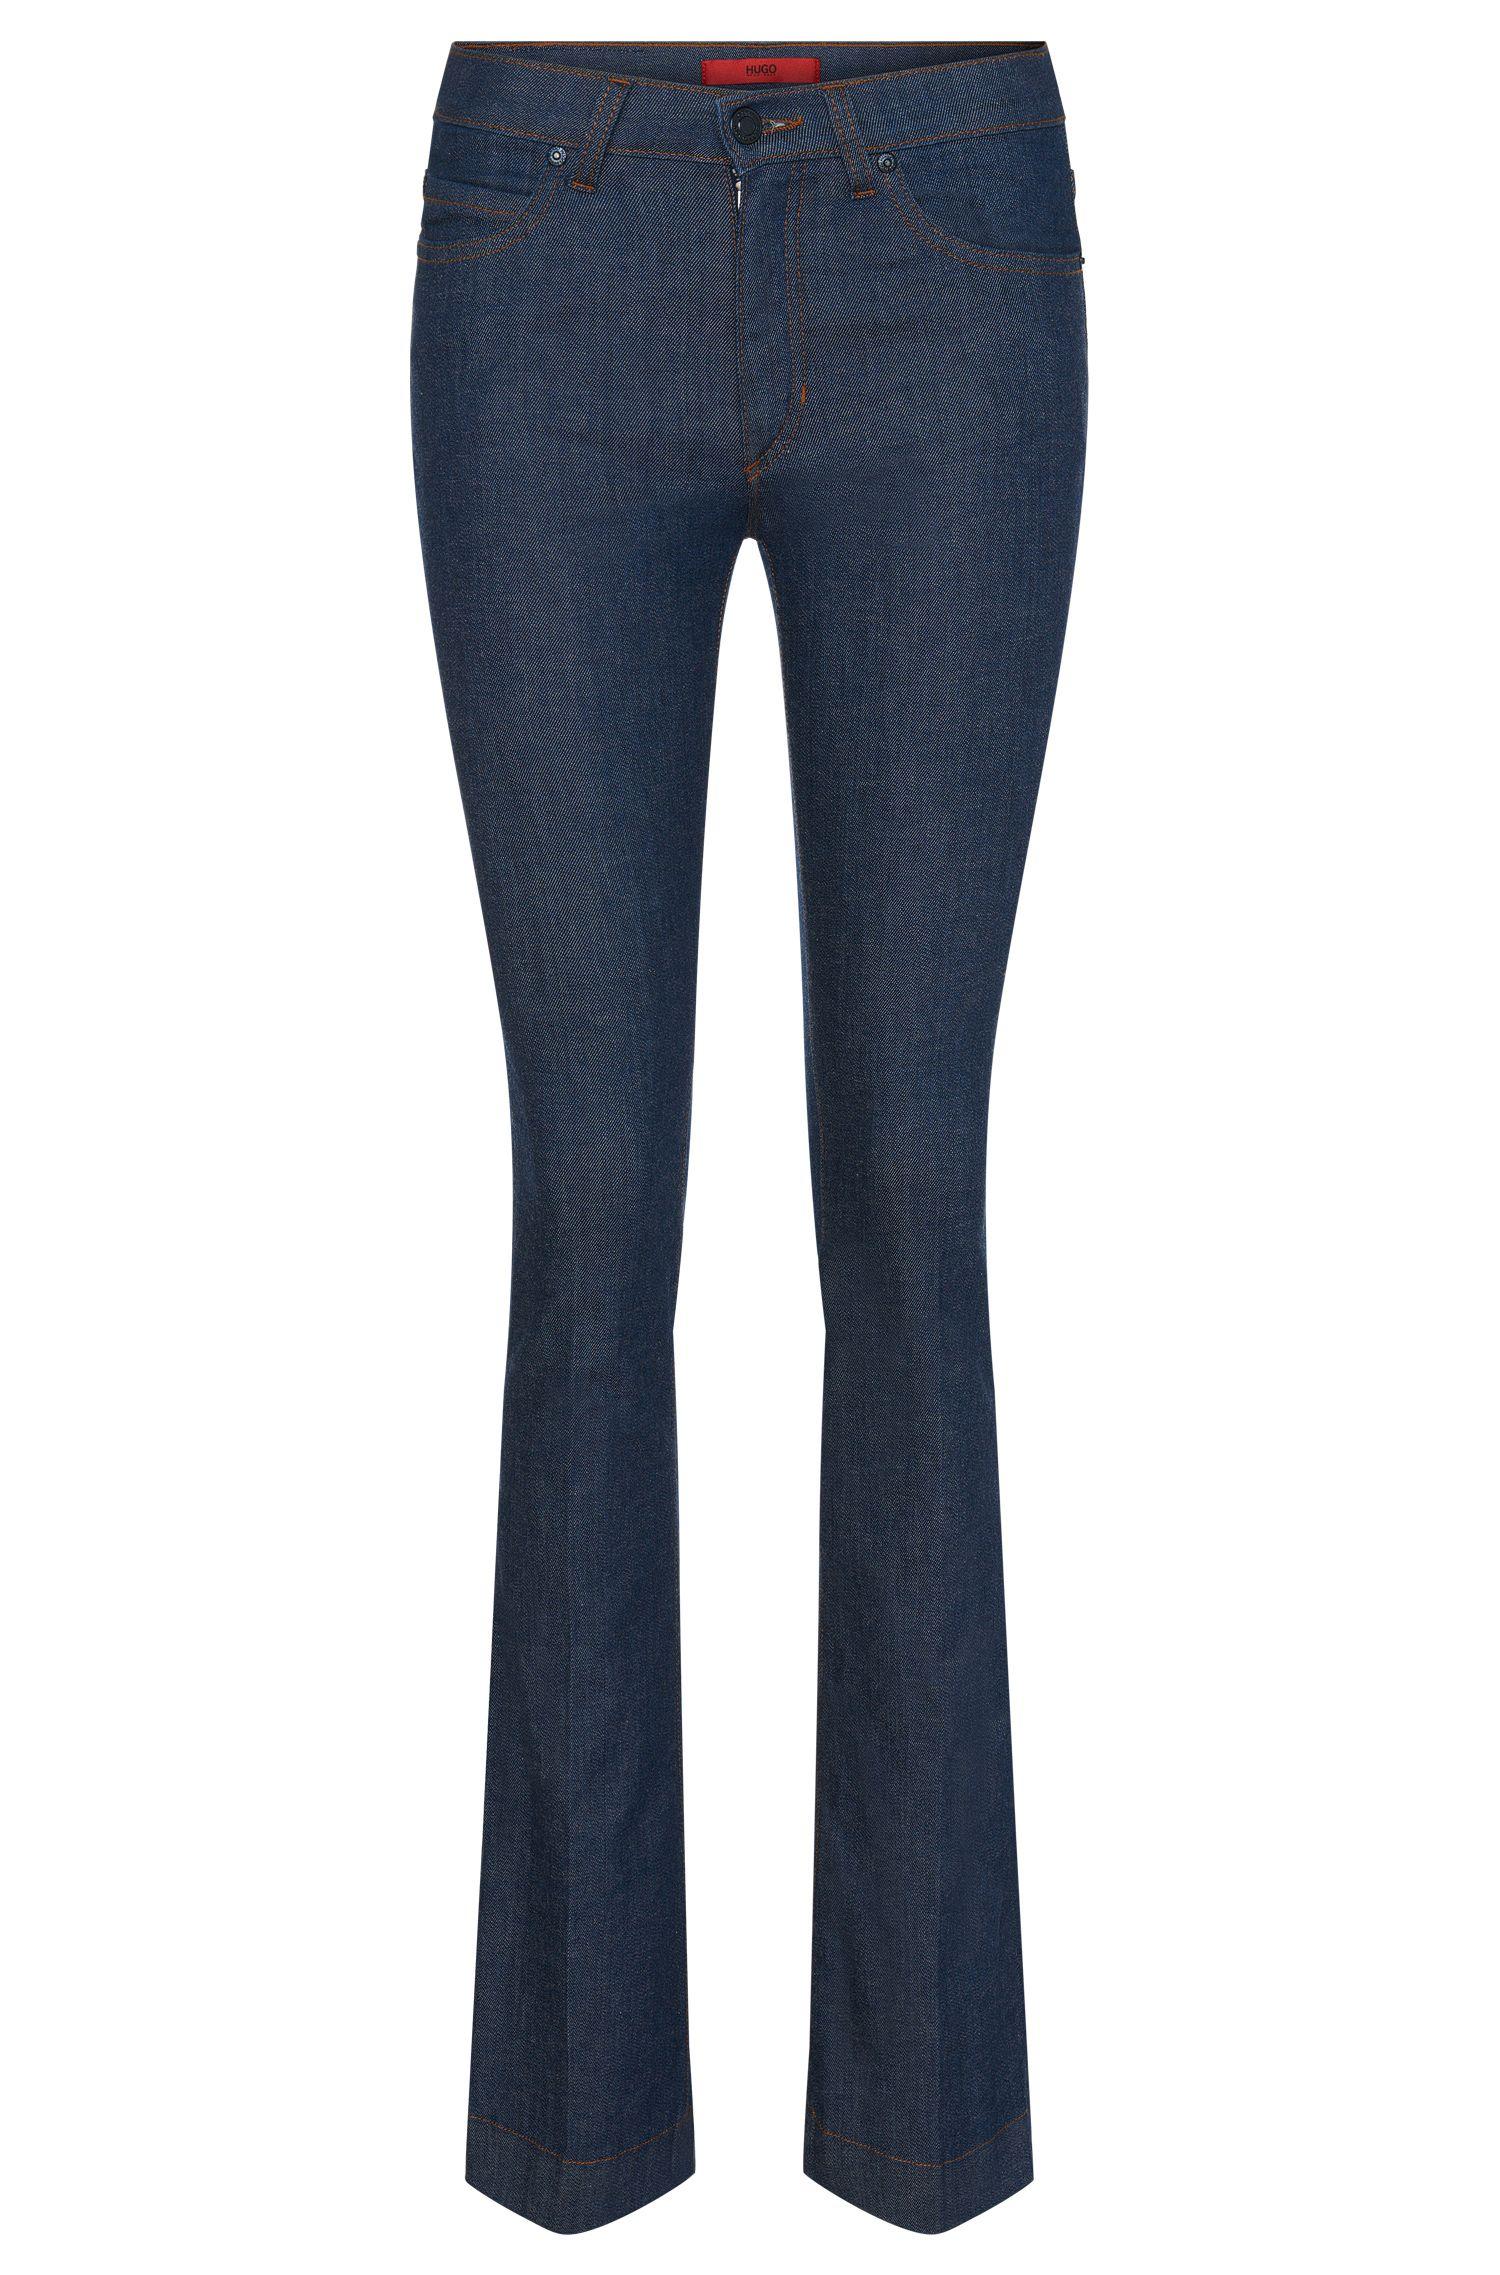 Skinny-Fit Jeans aus Baumwoll-Mix mit ausgestelltem Bein: 'Ginas'